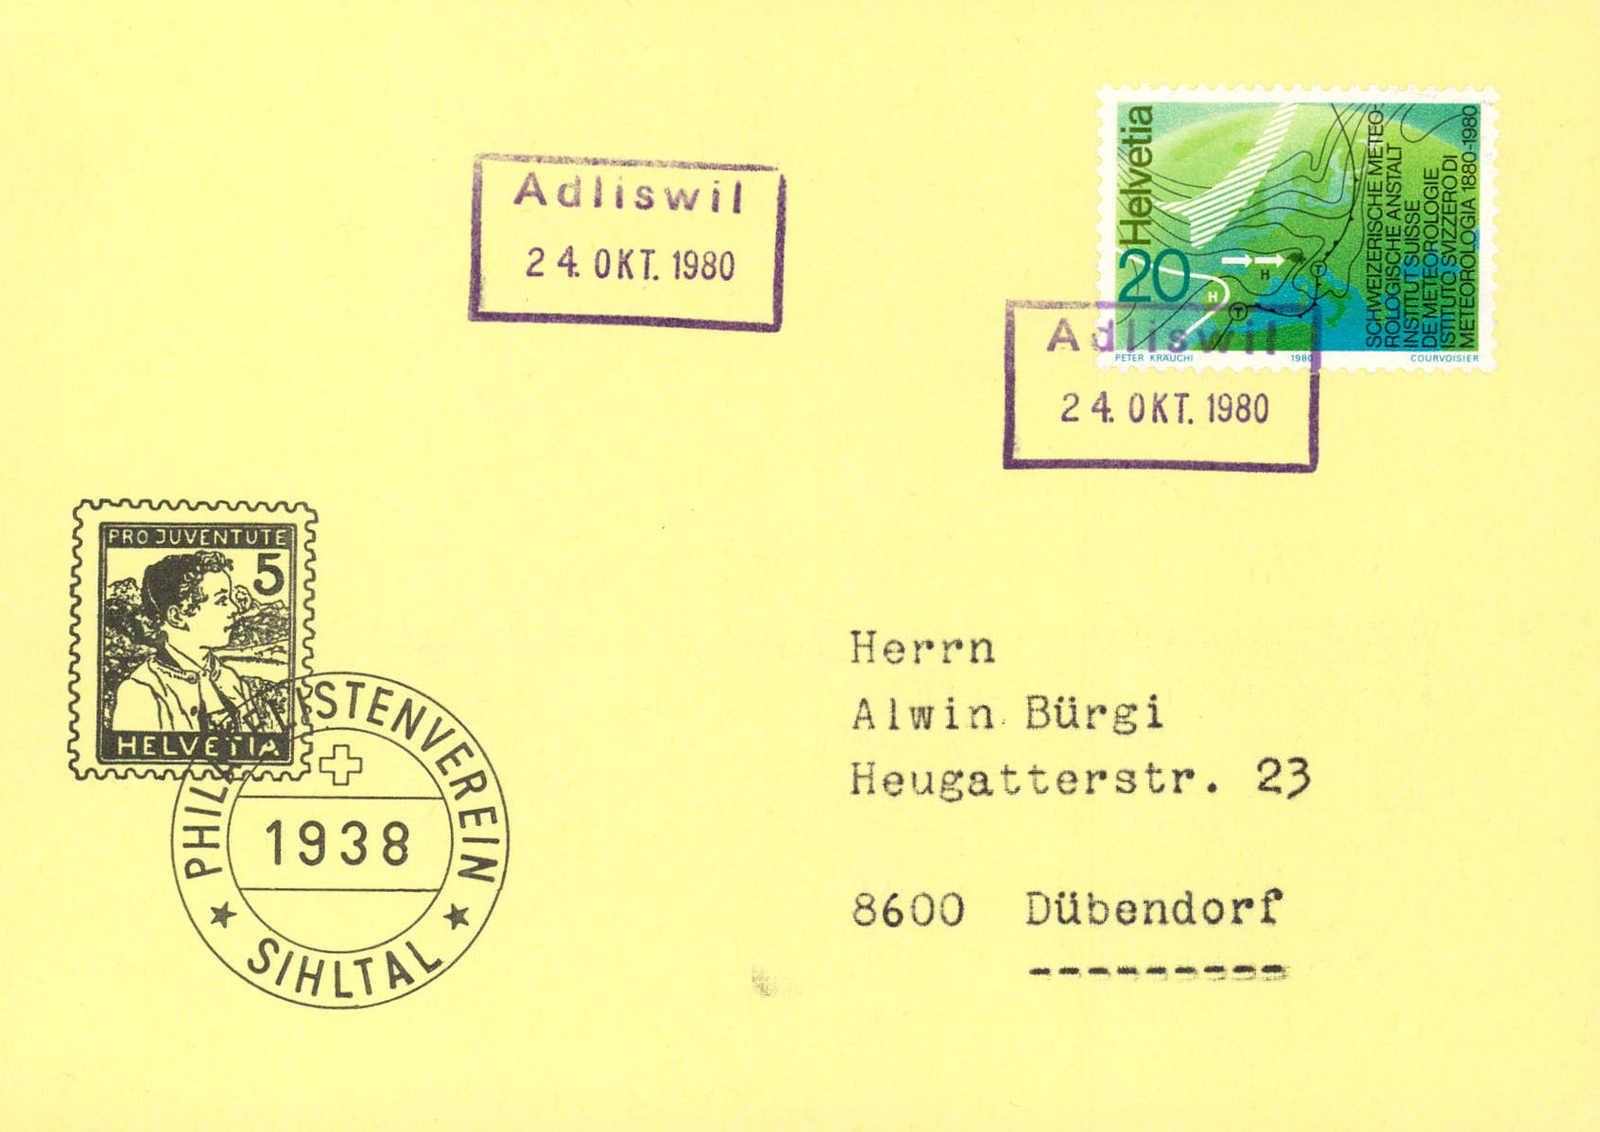 Lot 758 - F R A N K A T U R E N & ABSTEMPELUNGEN (ab ca. 1907)  -  MH Marken GmbH Auktion 118